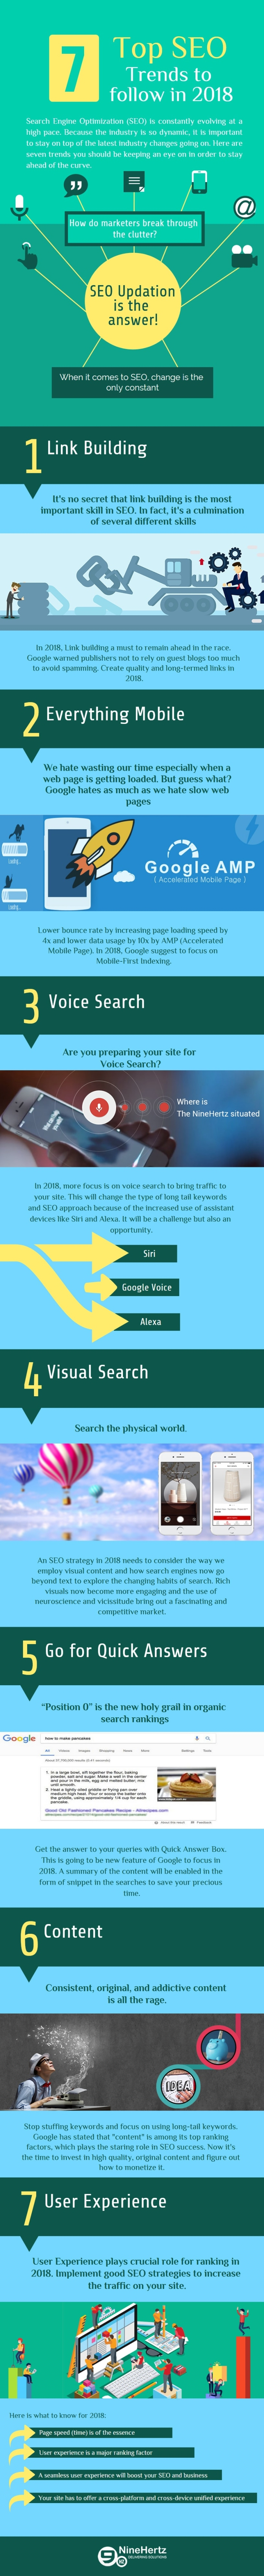 7_top_seo_trends_info